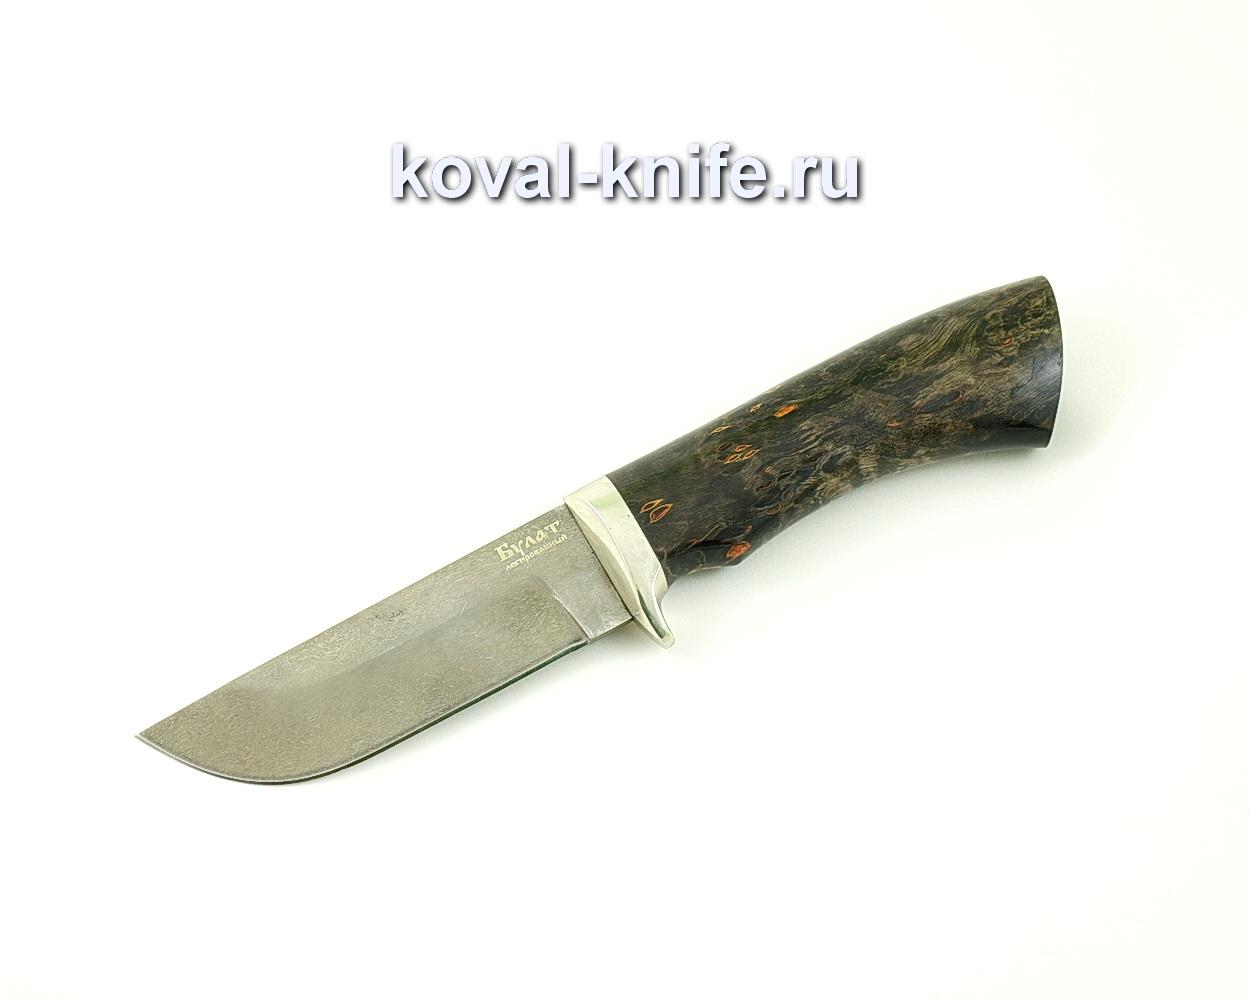 Нож из булатной стали Пегас (Легированный булат, рукоять стабилизированная карельская береза, литье мельхиор) A483